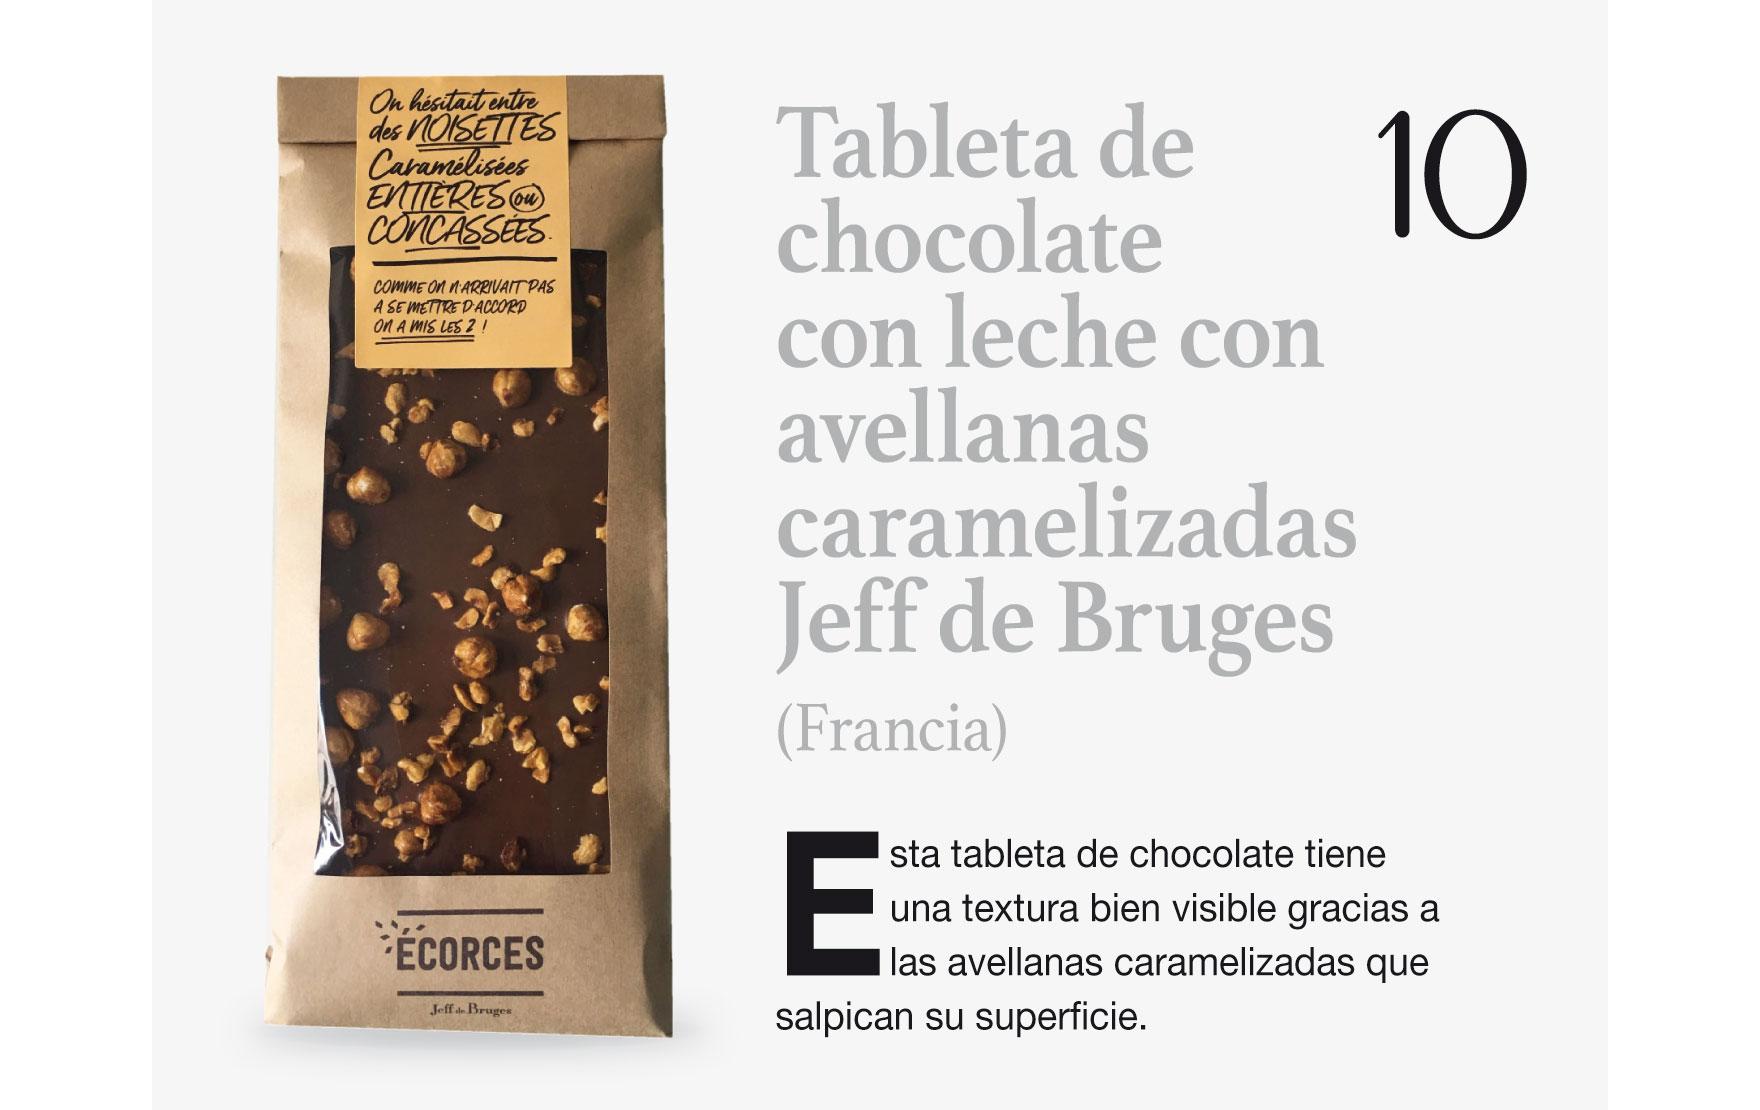 Tableta de chocolate con leche con avellanas caramelizadas Jeff de Bruges (Francia)